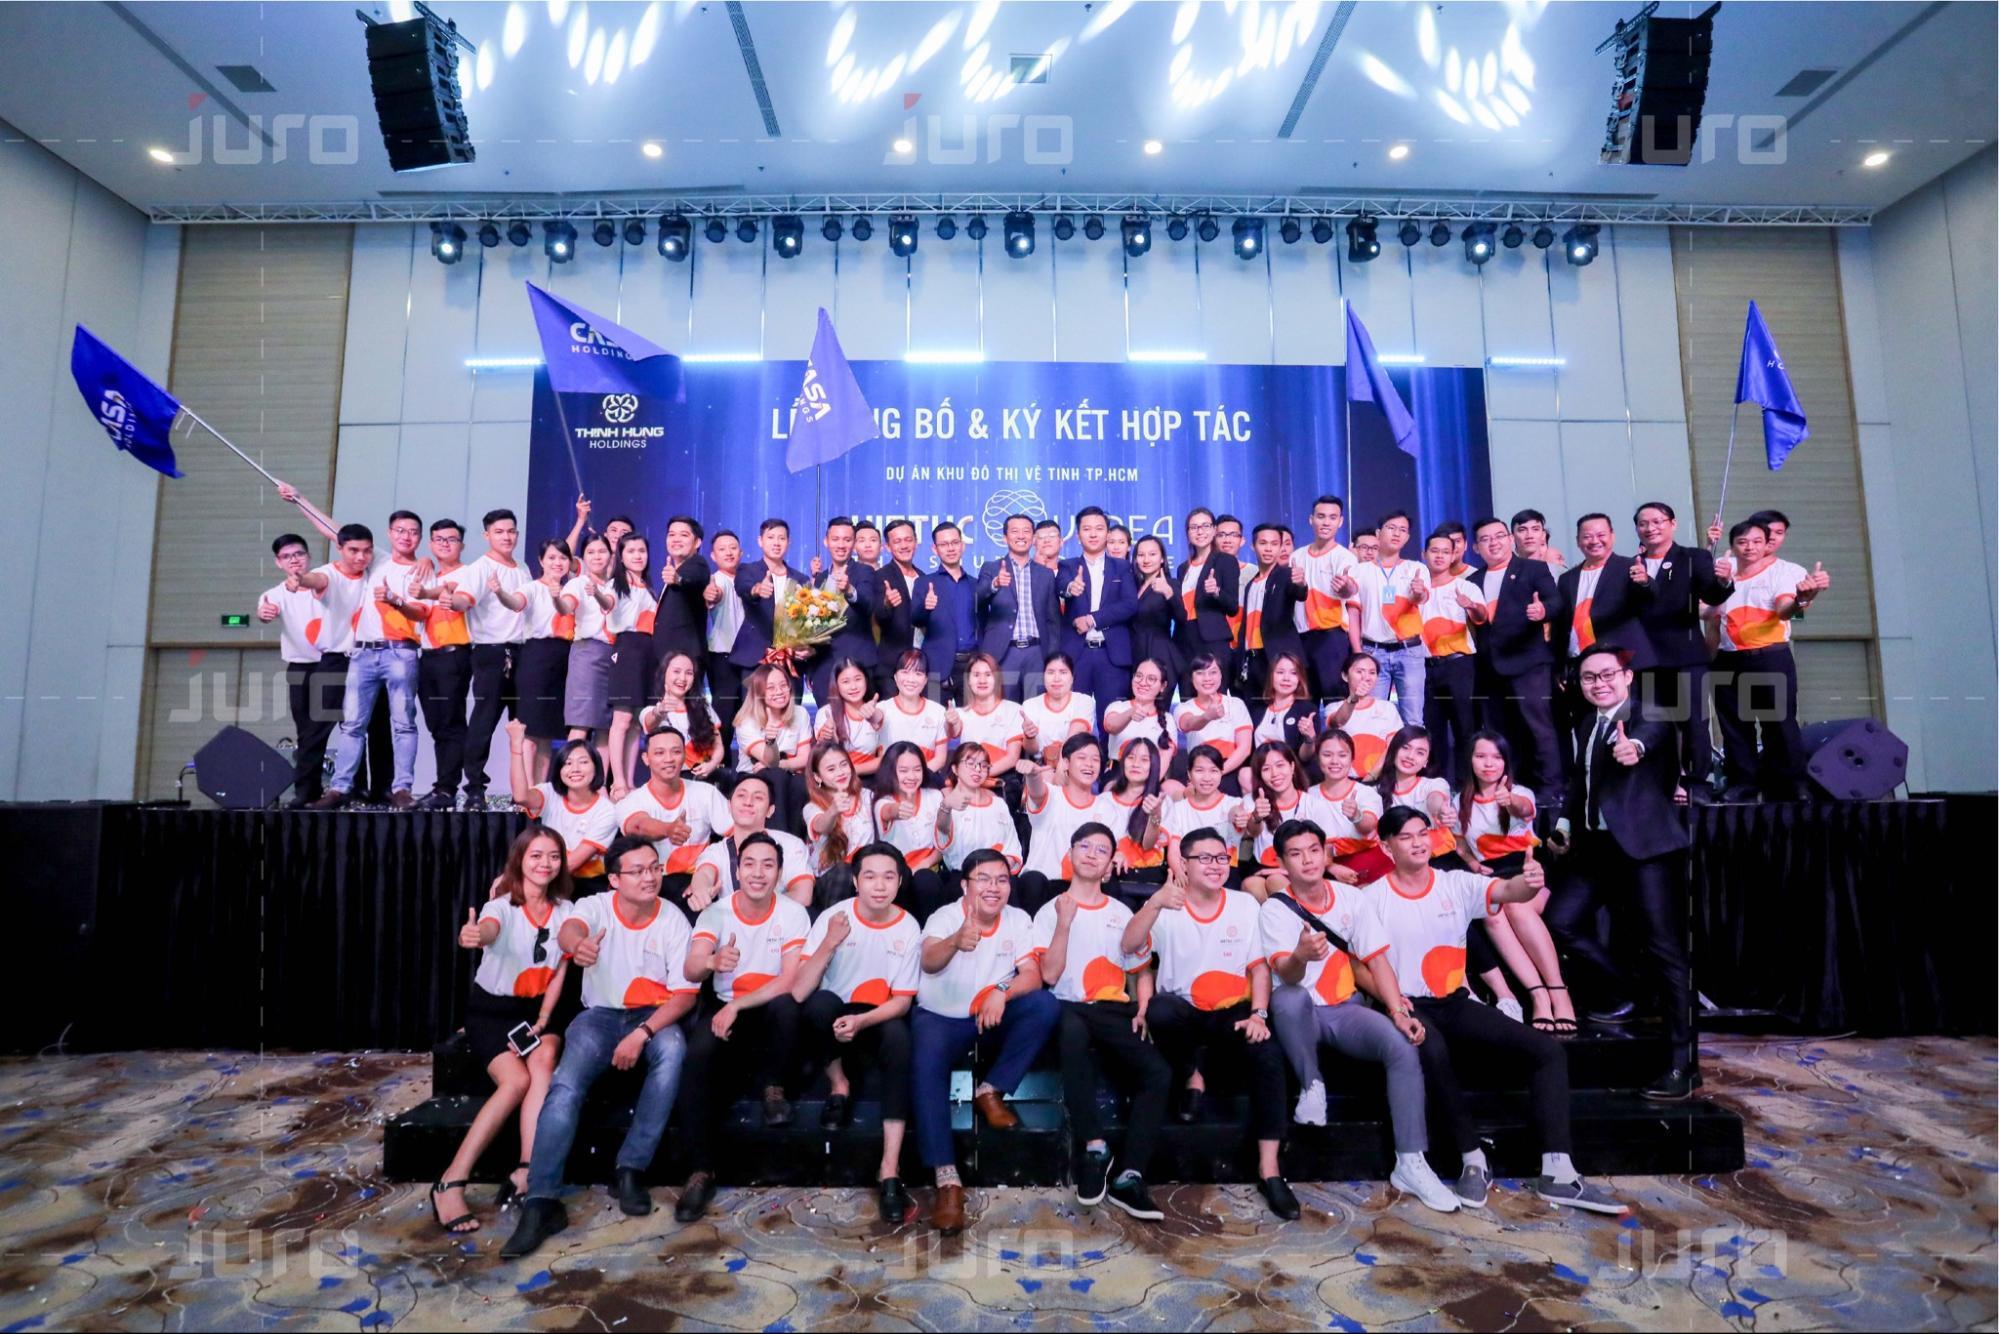 Dịch vụ chụp ảnh sự kiện chuyên nghiệp tại TP.HCM